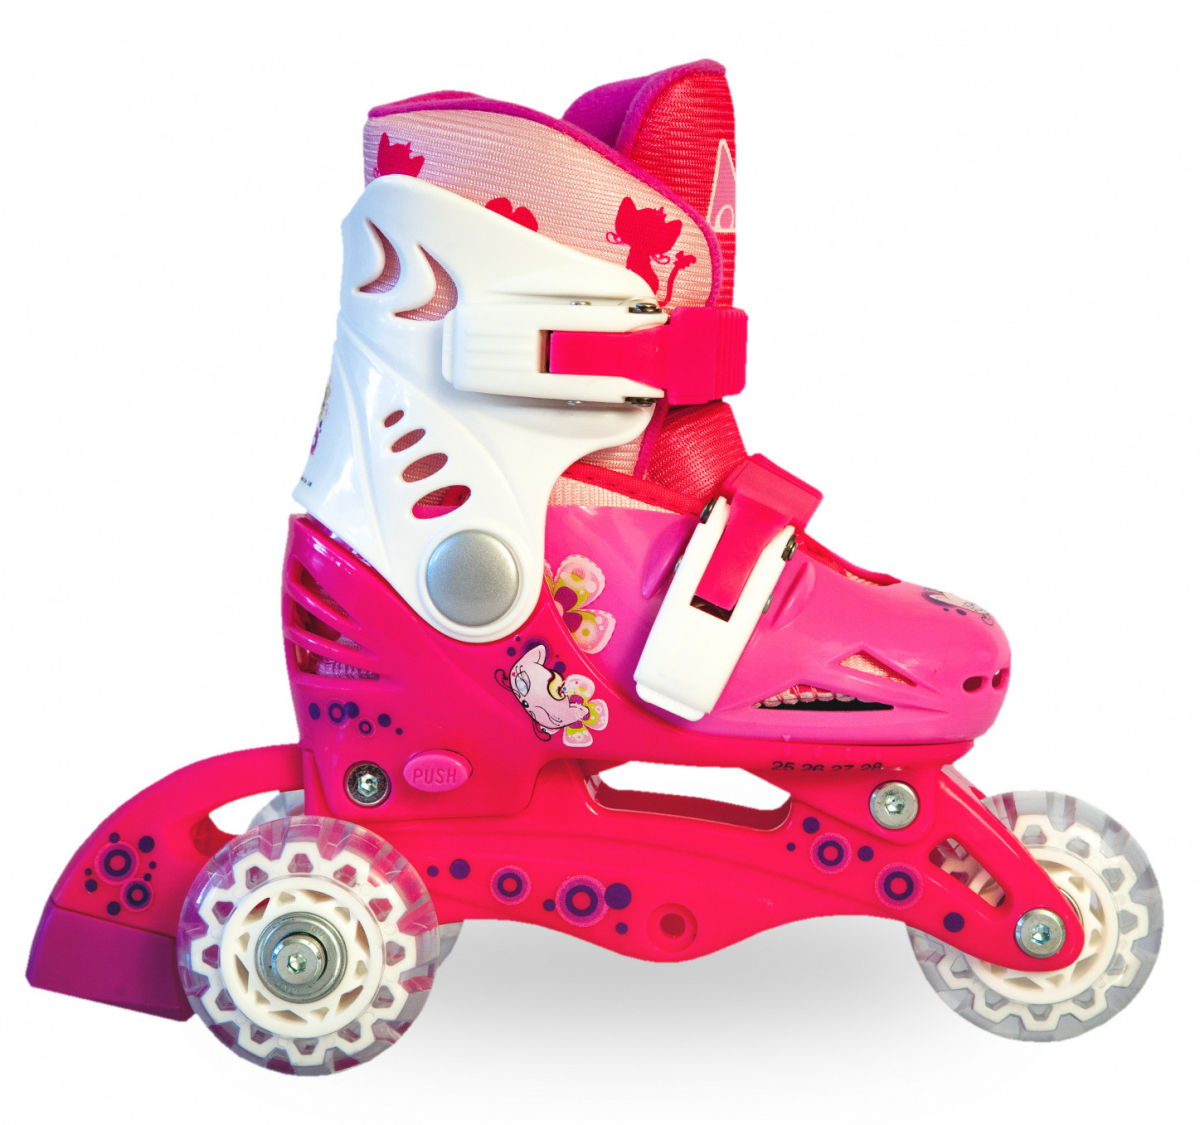 Трёхколёсные роликовые коньки - 1